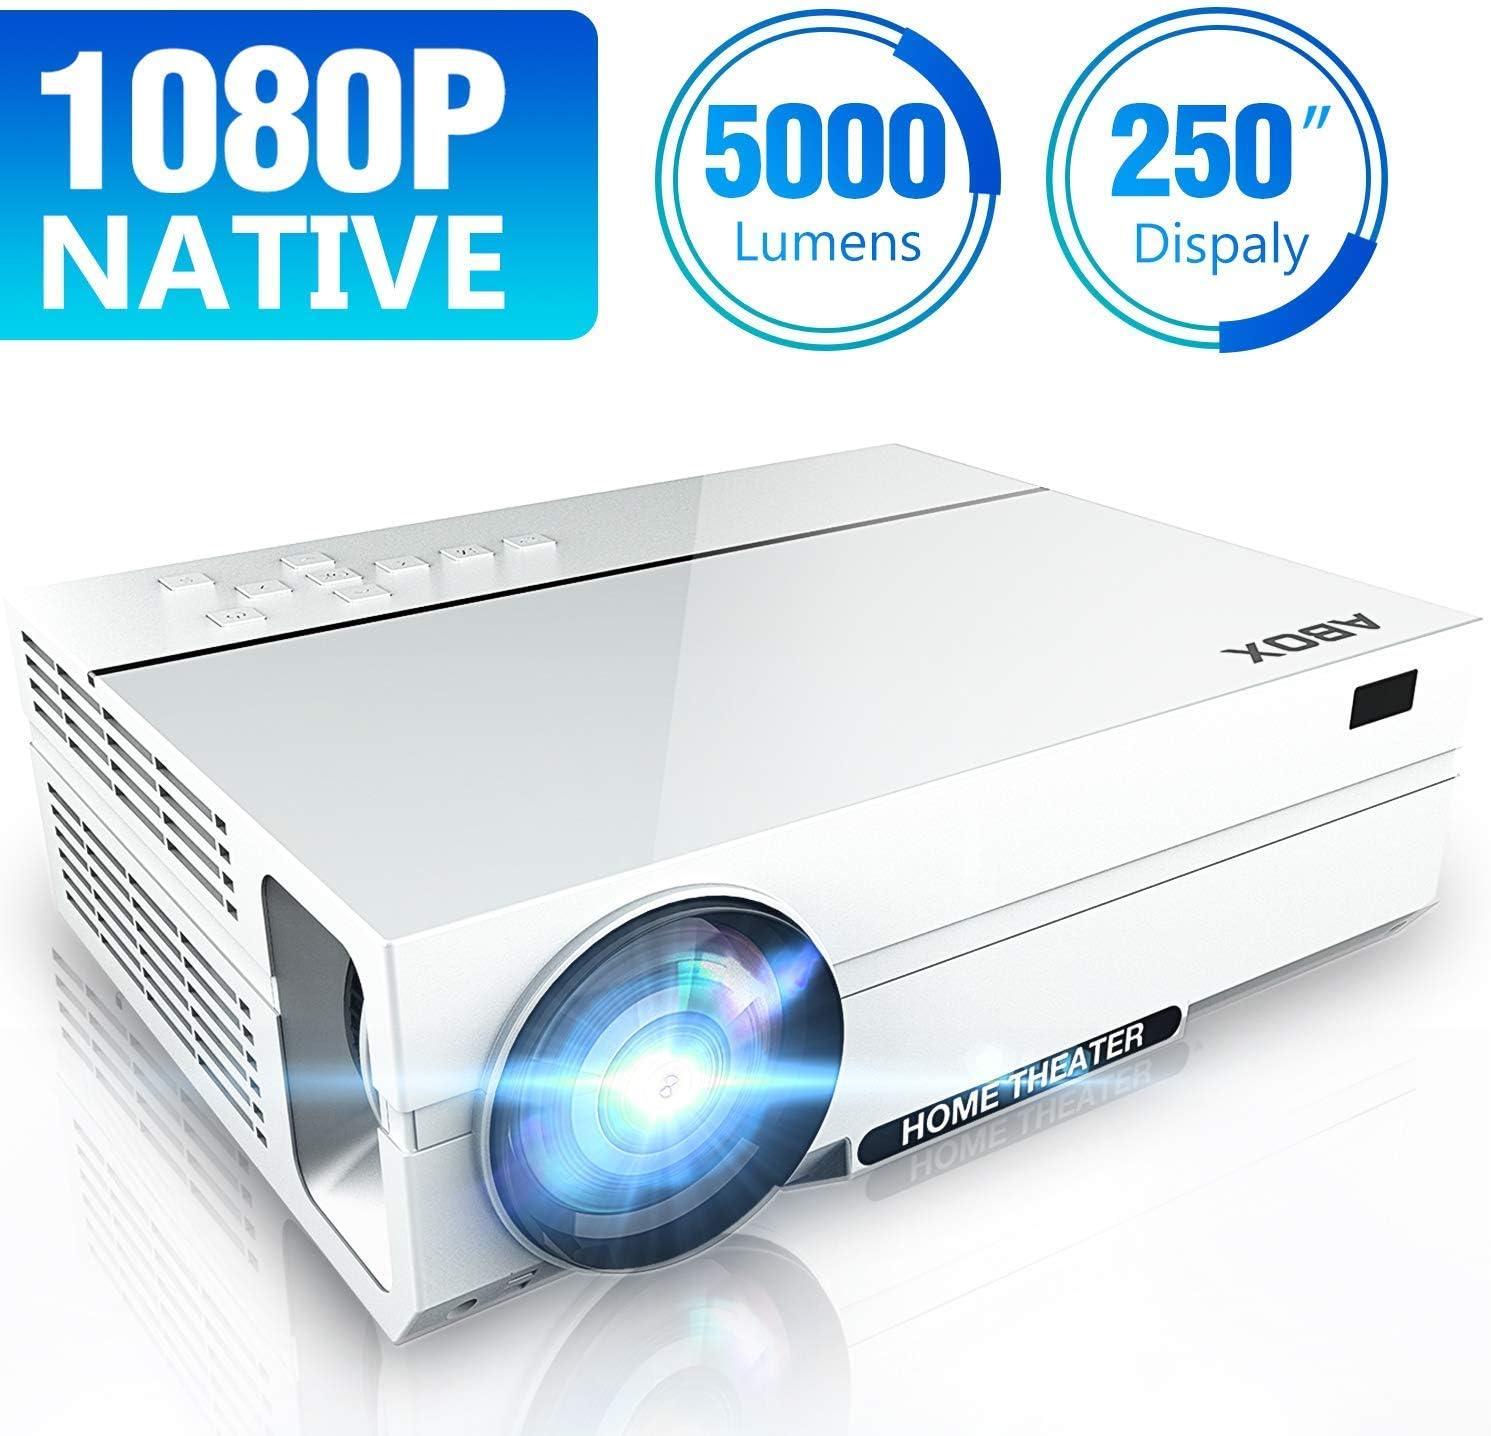 [Actualizado] Proyector Full HD 1080p Nativo, Soporta 4K, 5000 Lúmenes, ABOX LED Proyector, Resolución Nativa 1920 * 1080P, Proyector de Vídeo para Cine en Casa de 250